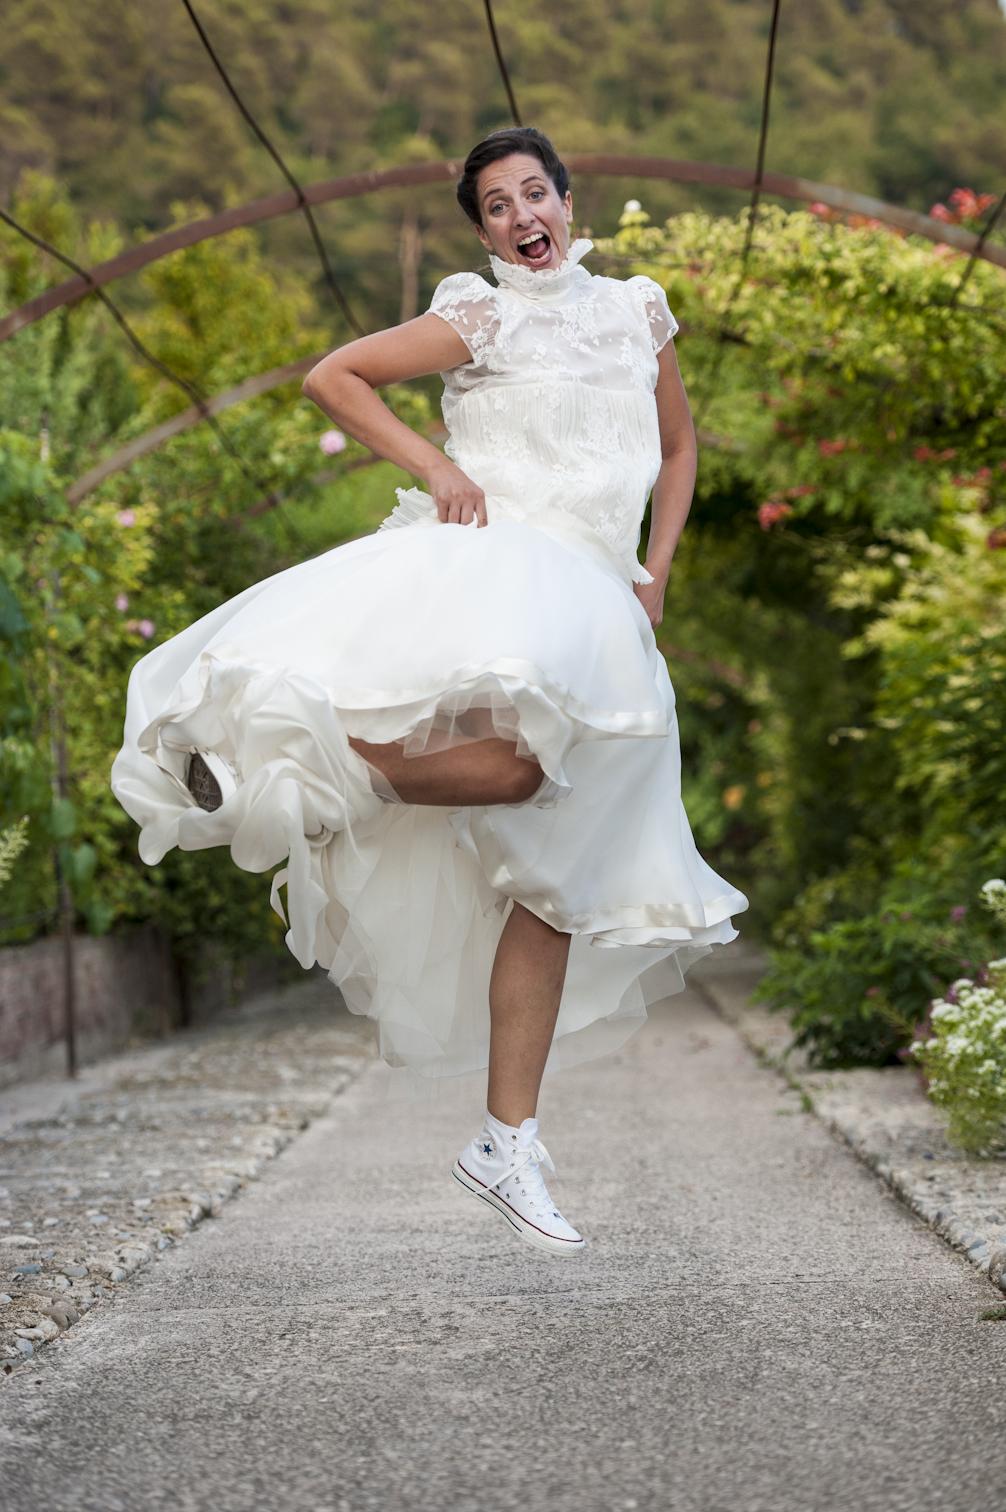 Hélène a choisi de mettre ses converses blanches pour la soirée avec sa robe Delphine Manivet